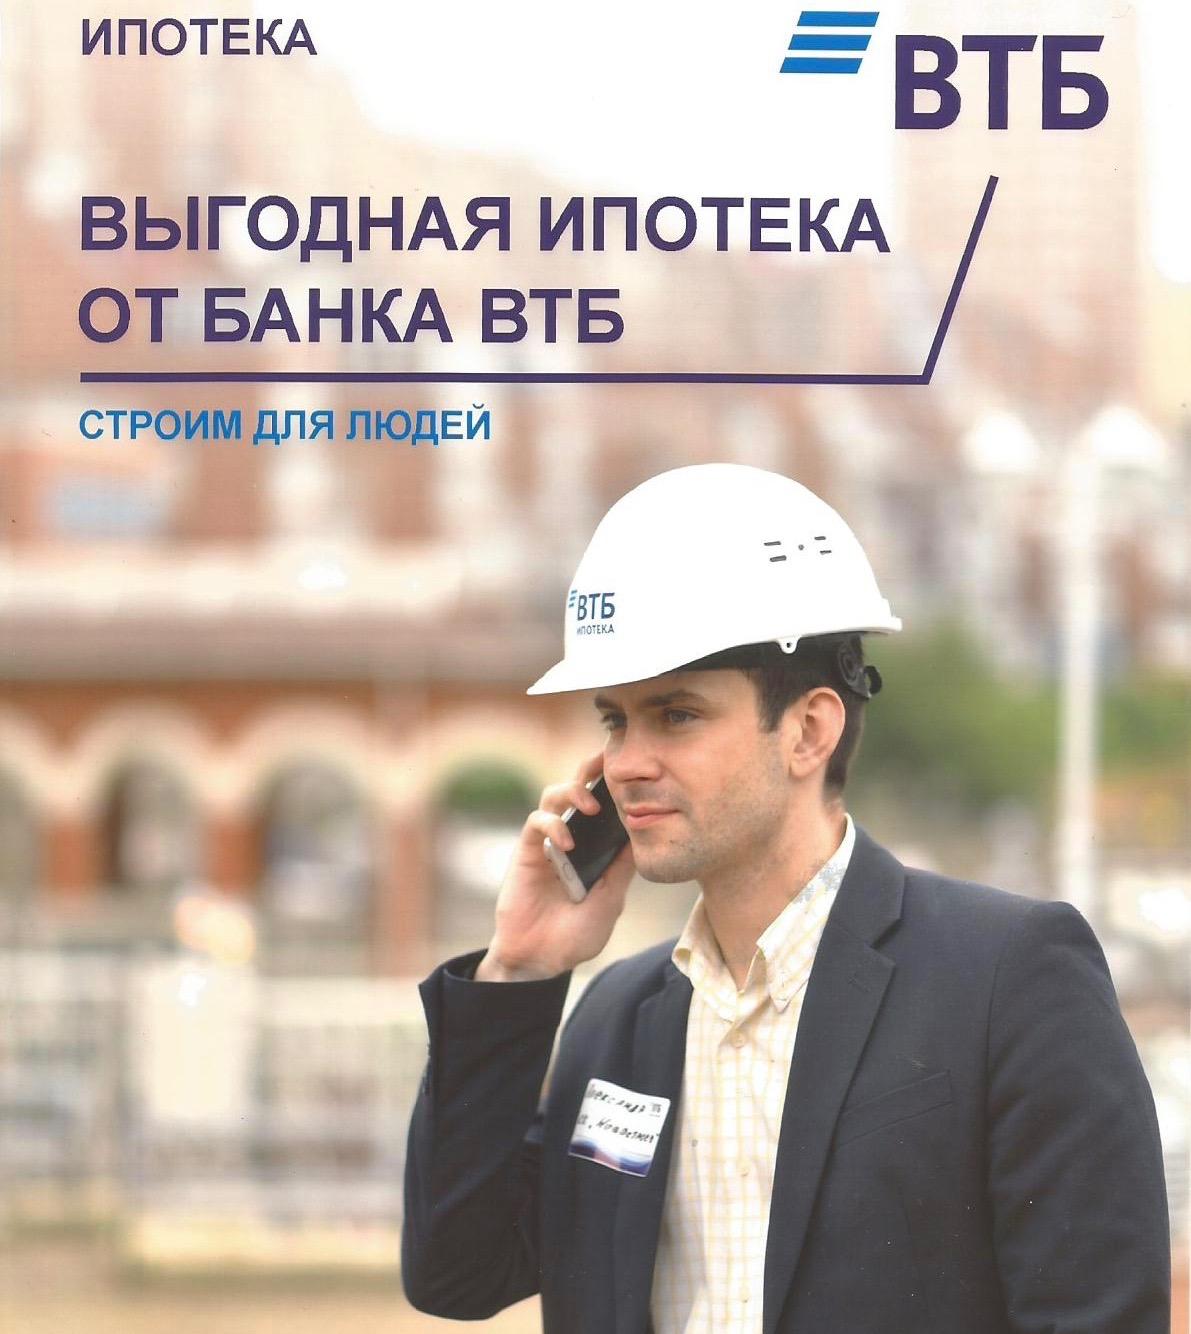 Выгодная ипотека от банка ВТБ